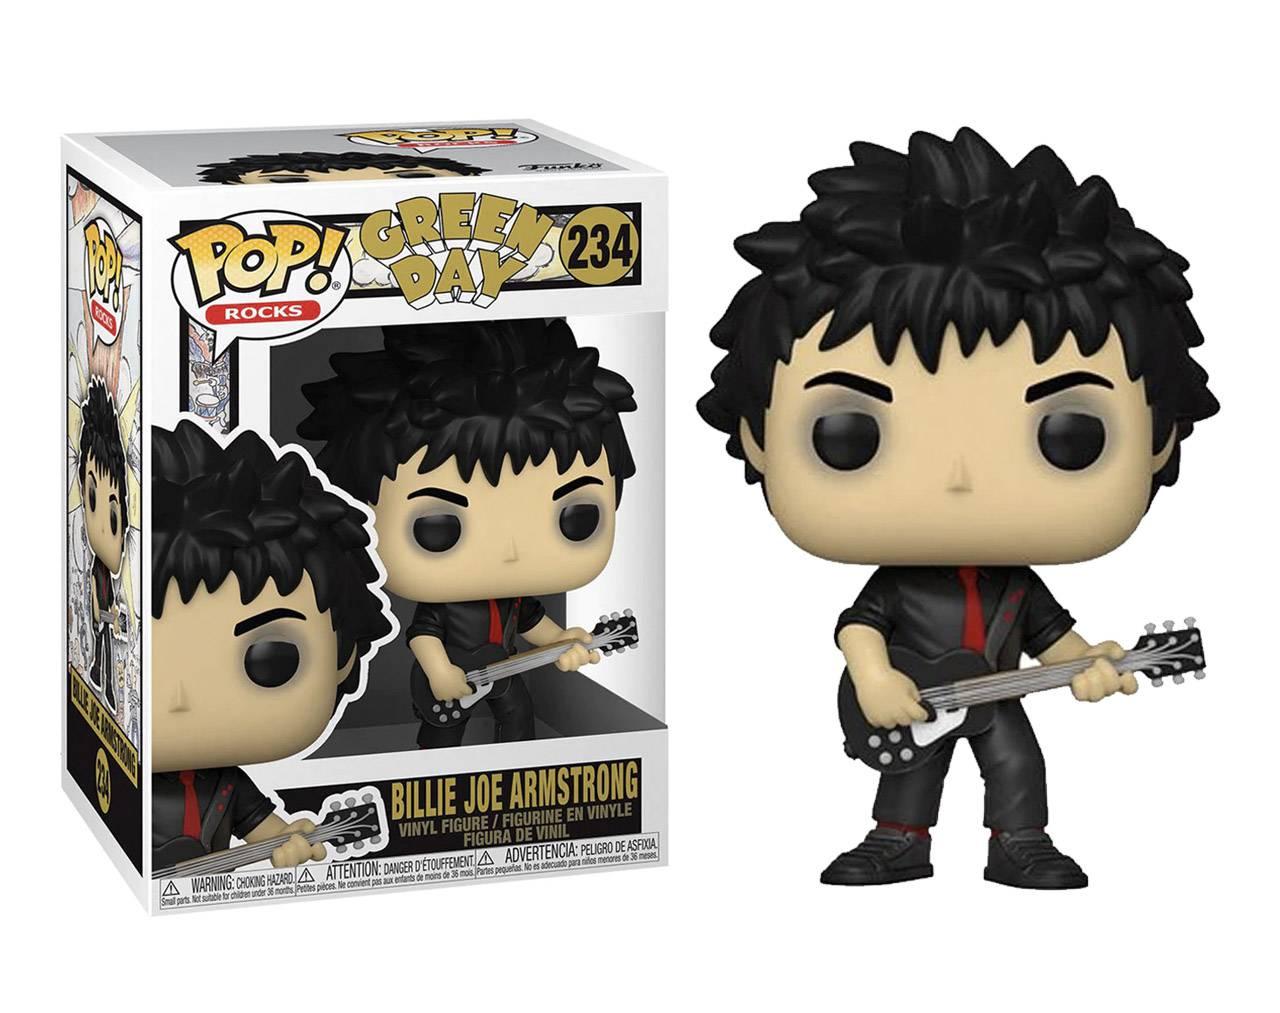 Billie Joe Armstrong (Green Day) Pop! Vinyl